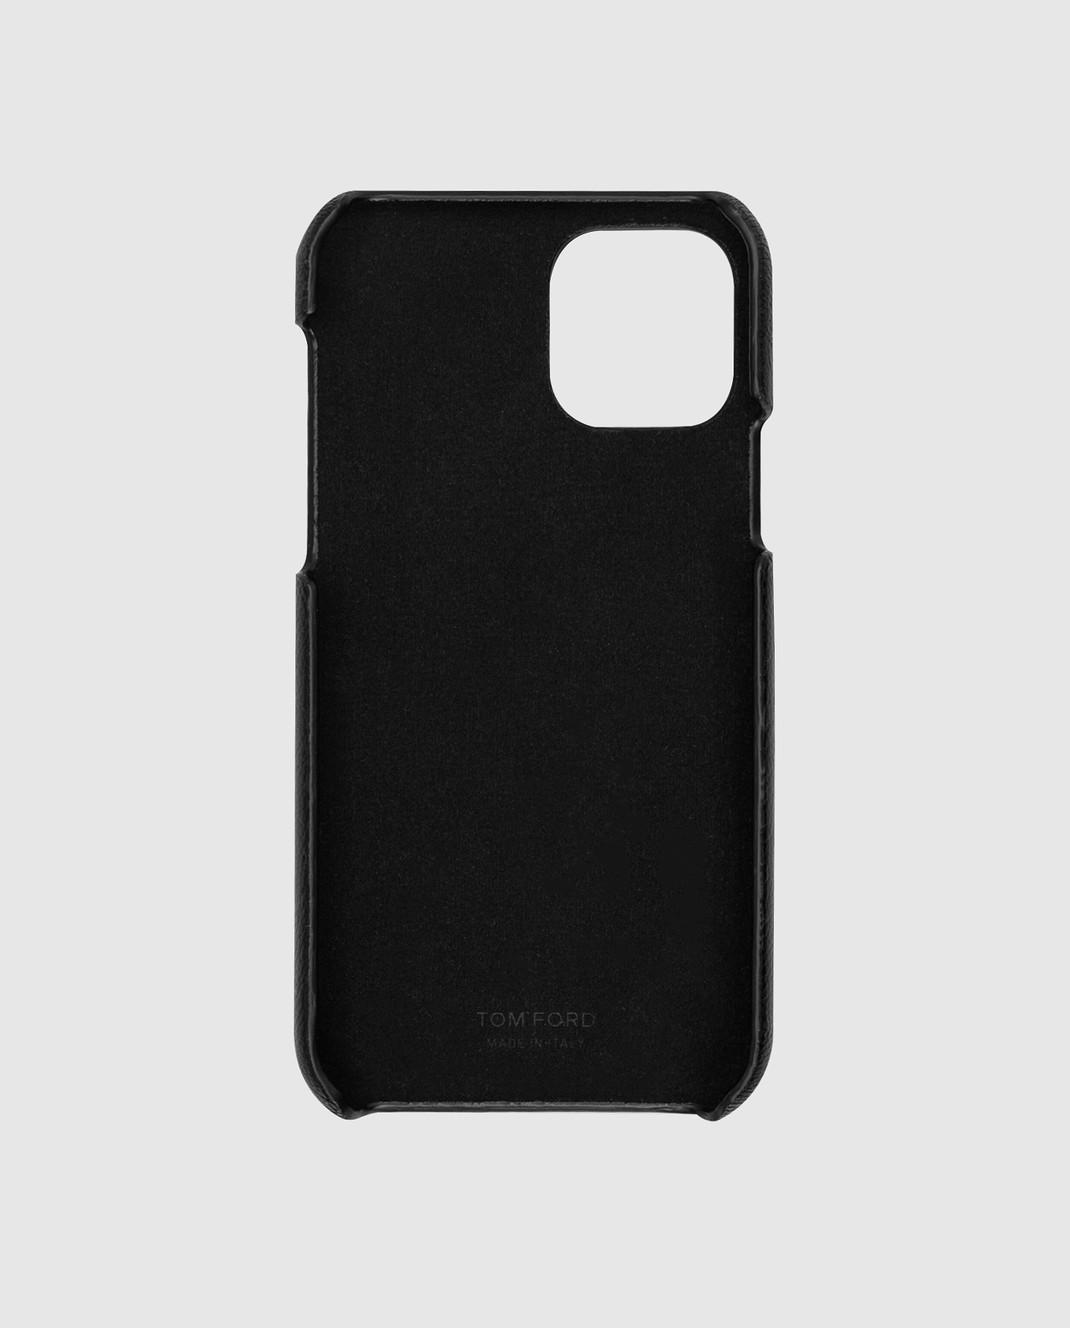 Tom Ford Черный кожаный чехол для iPhone 11 Pro изображение 2